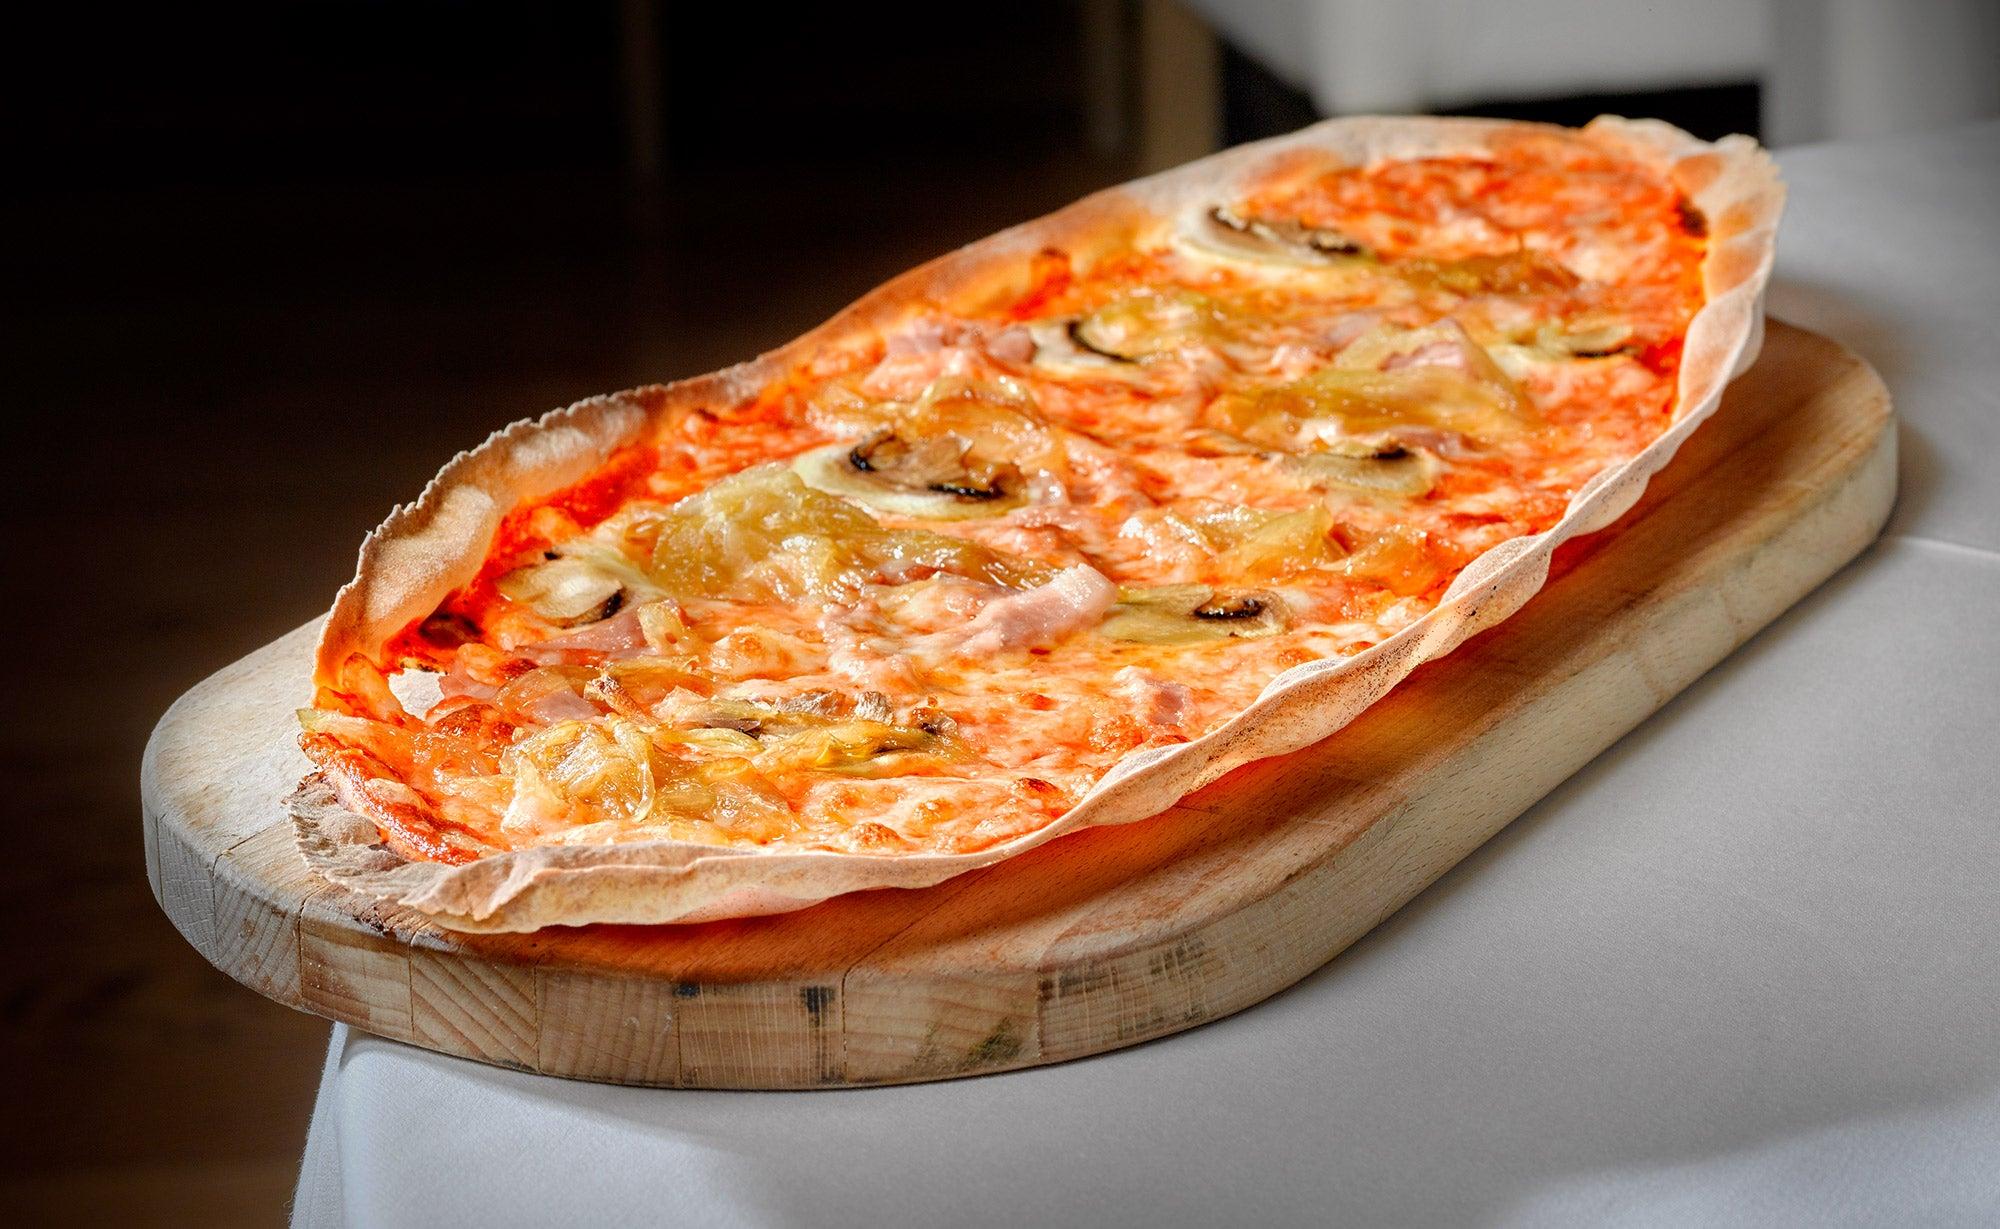 Pizza de Don Lisander, uno de los mejores restaurantes italianos en Madrid